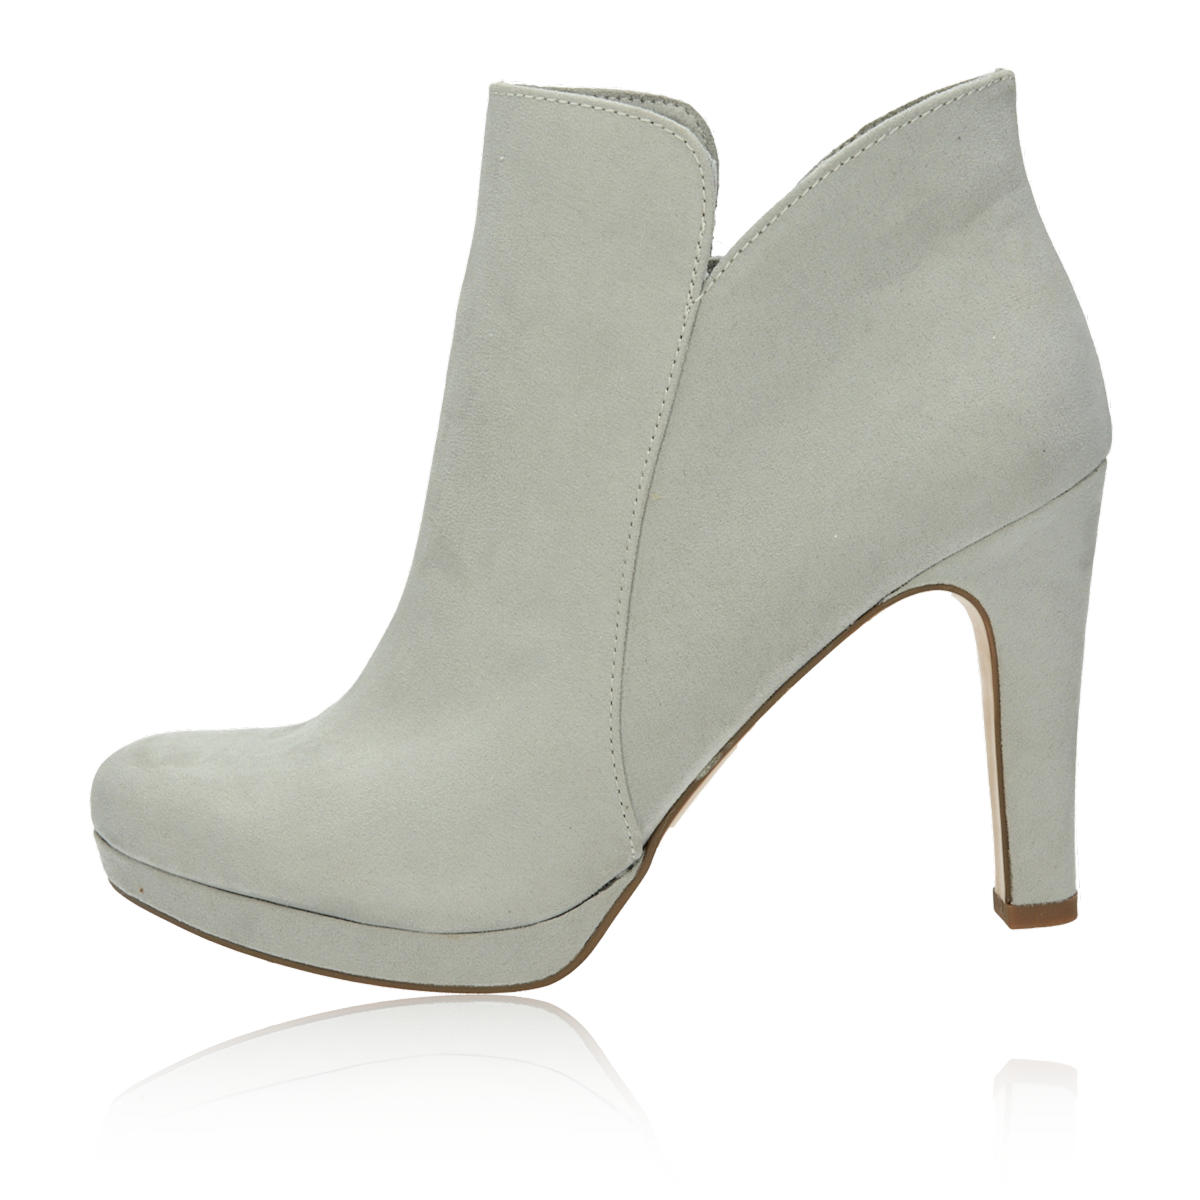 ... Tamaris dámské stylové kotníkové boty - šedé ... 64bbc3ca1a